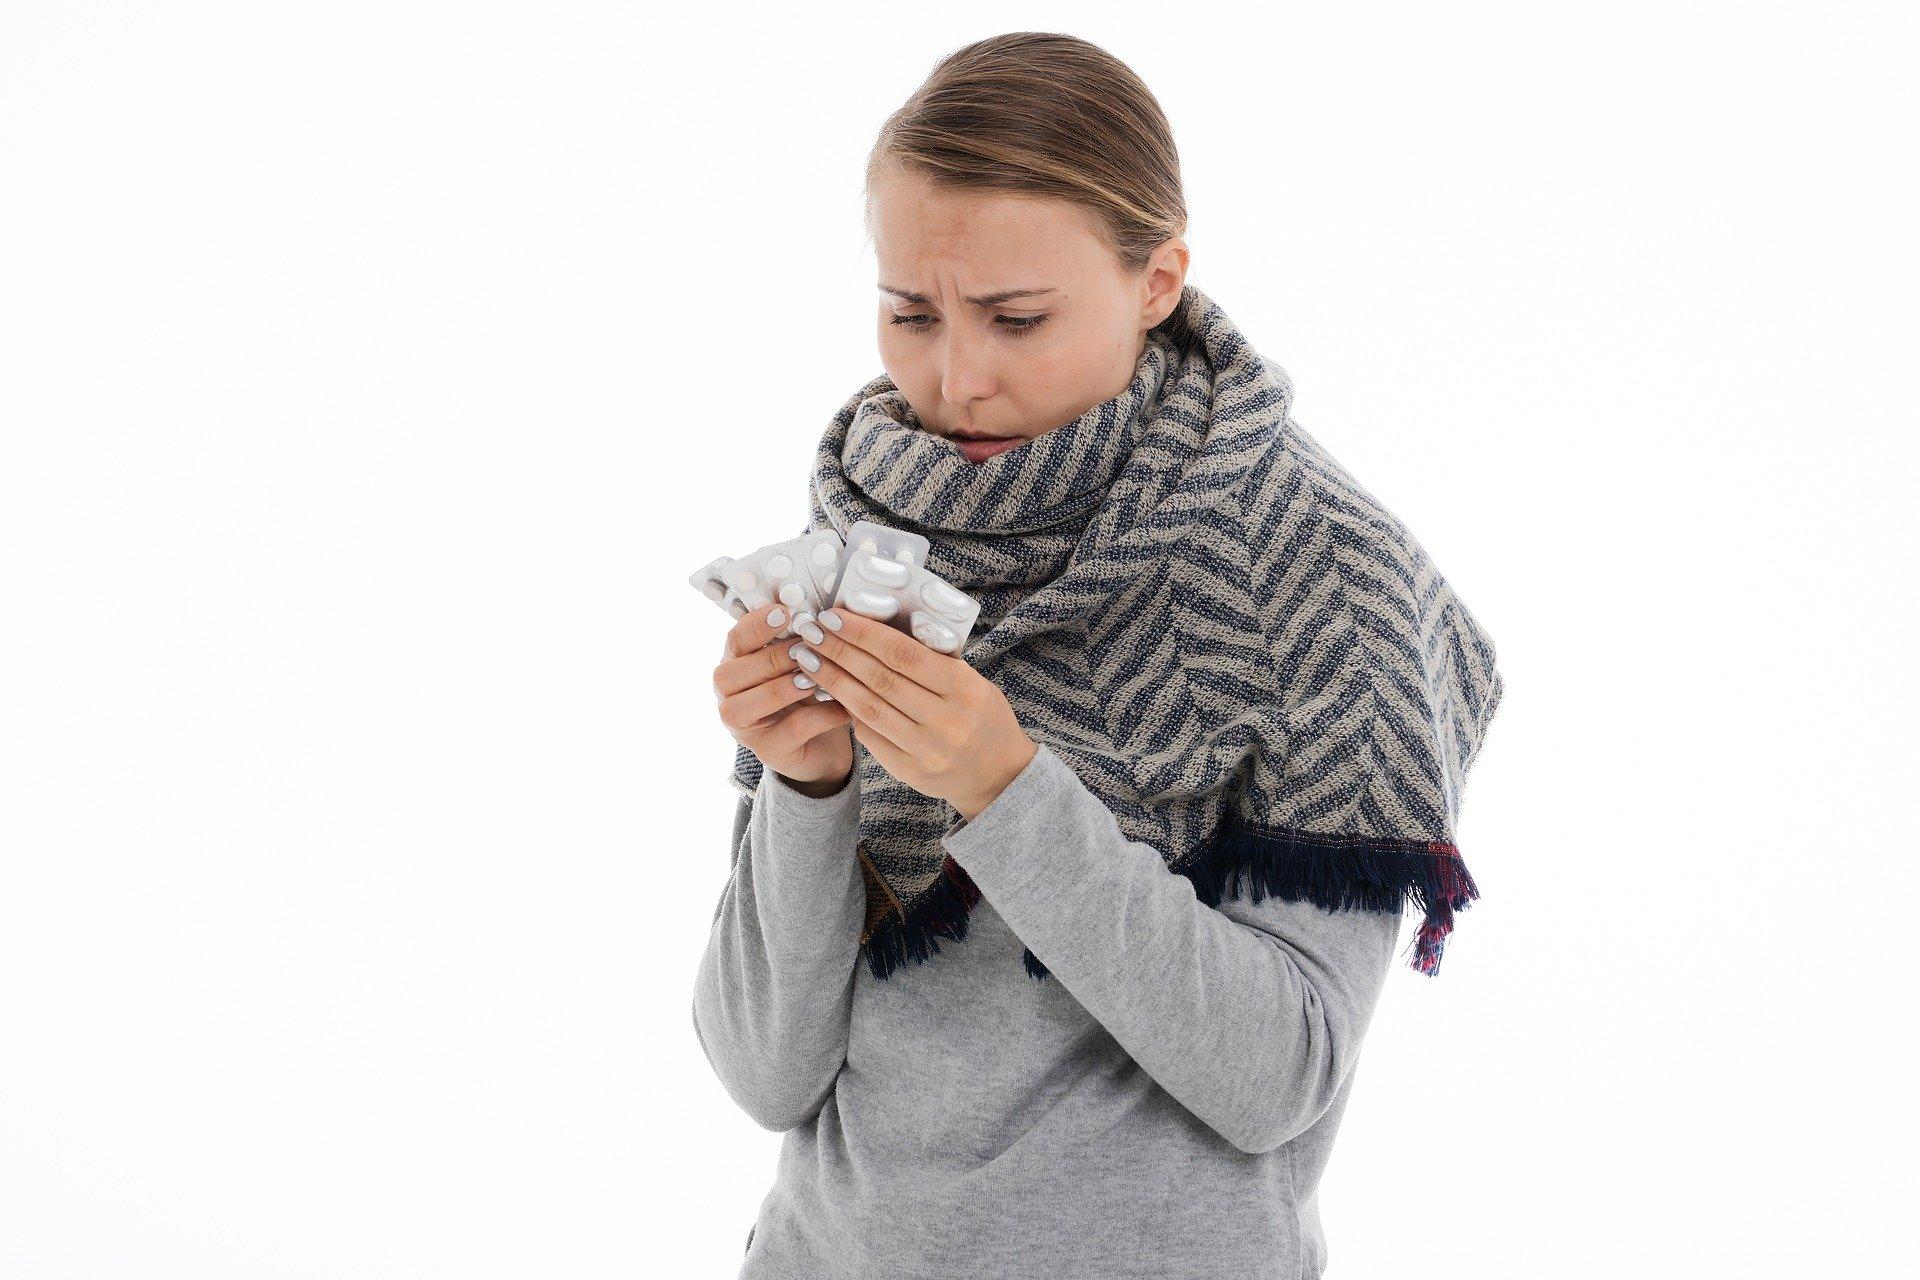 La hipocondría se caracteriza por el miedo persistente a sufrir una enfermedad grave.